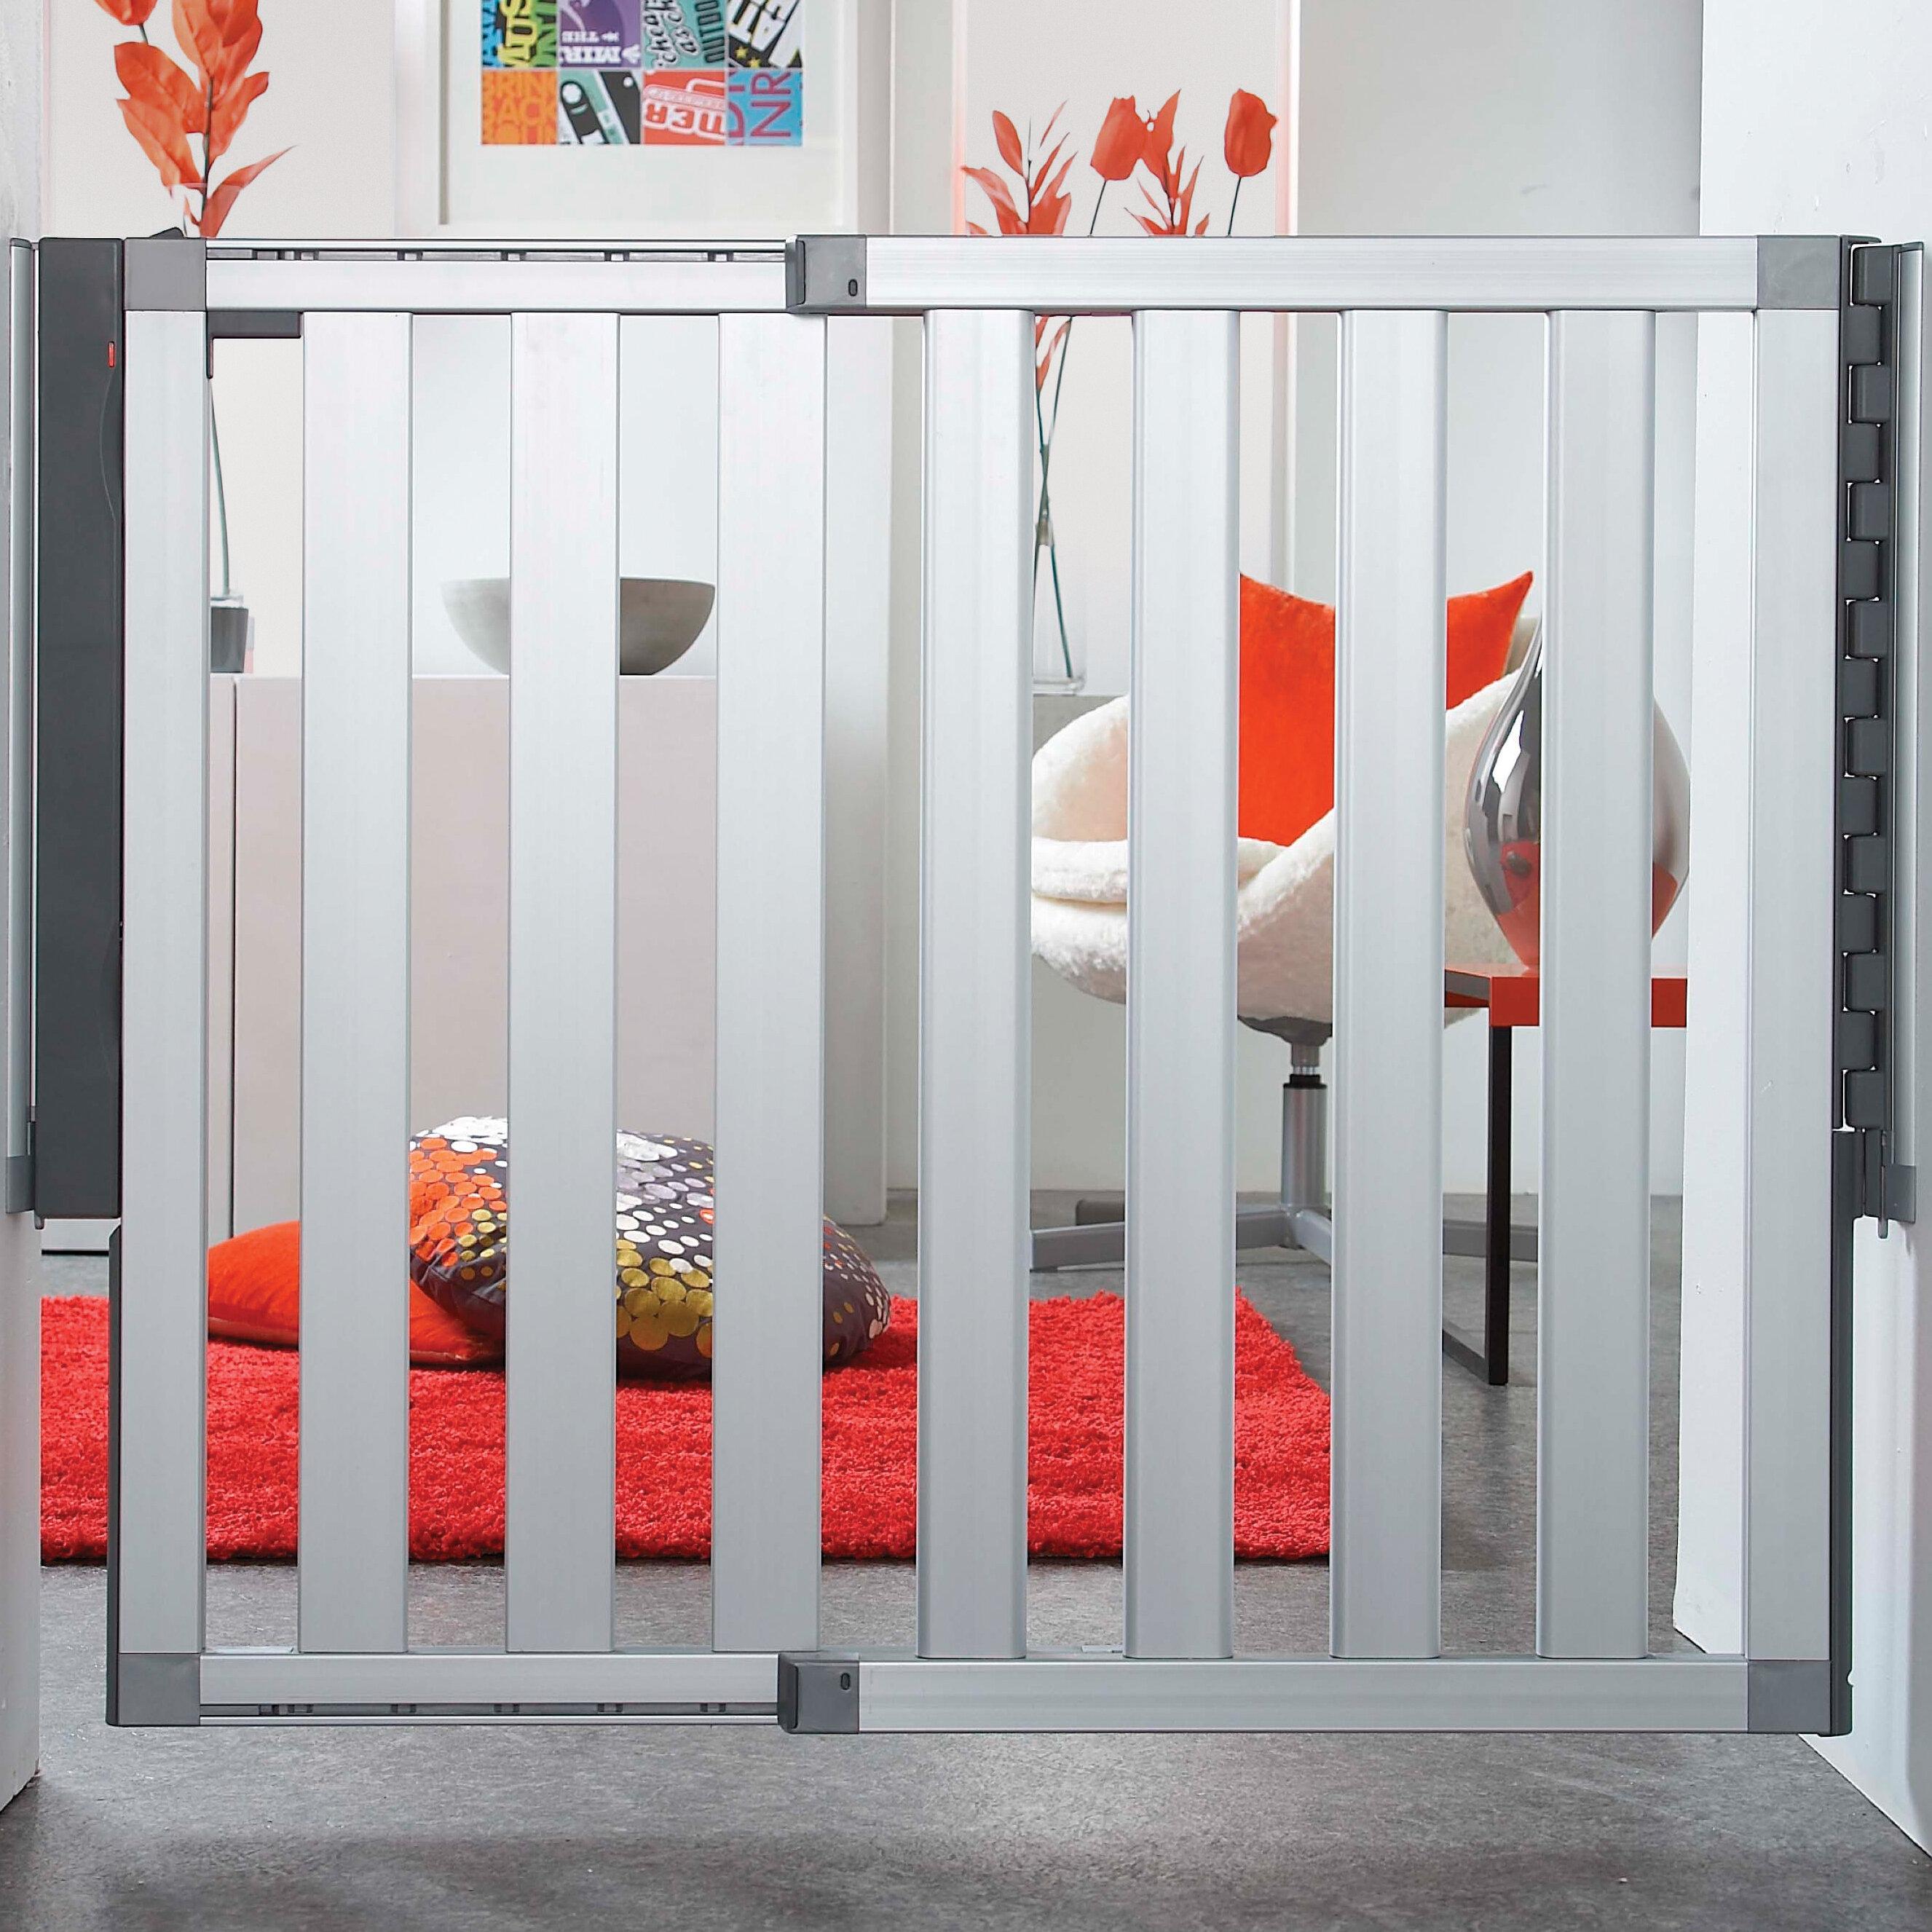 Munchkin Loft Aluminum Safety Gate Reviews Wayfair